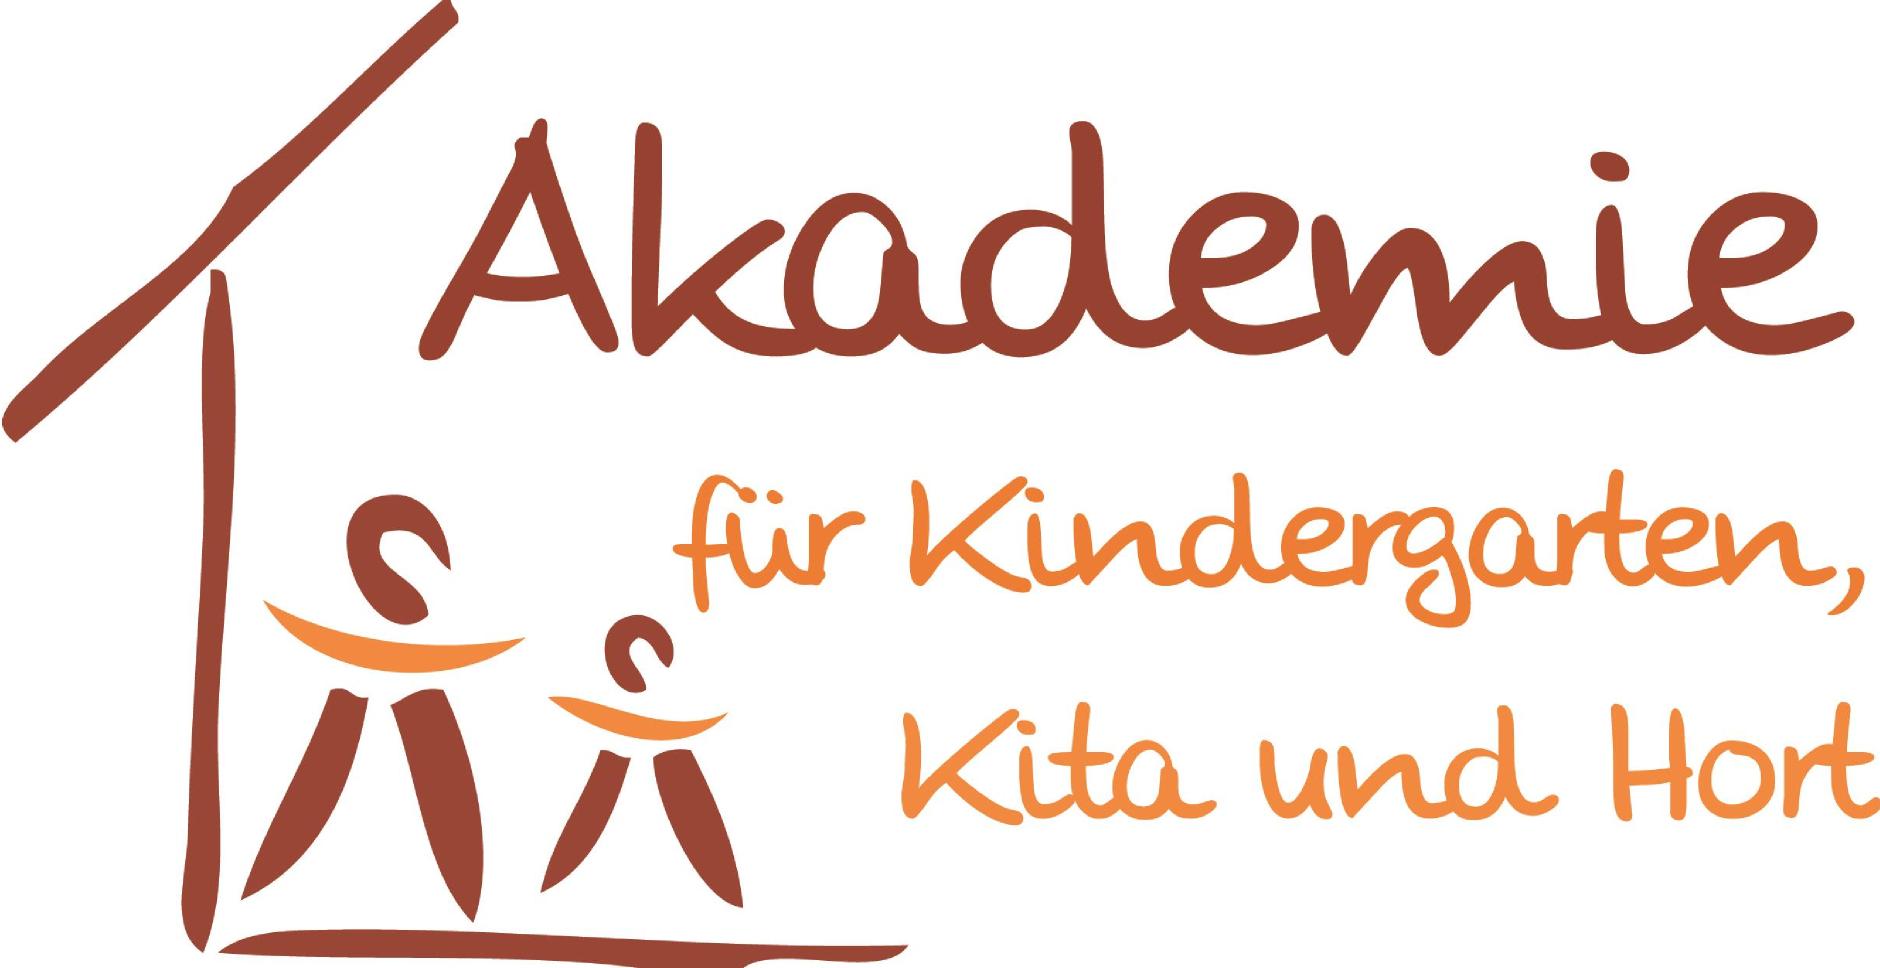 Seit 2013 gebe ich als Kindergartencoach auch Seminare für die Kindergartenakademie.